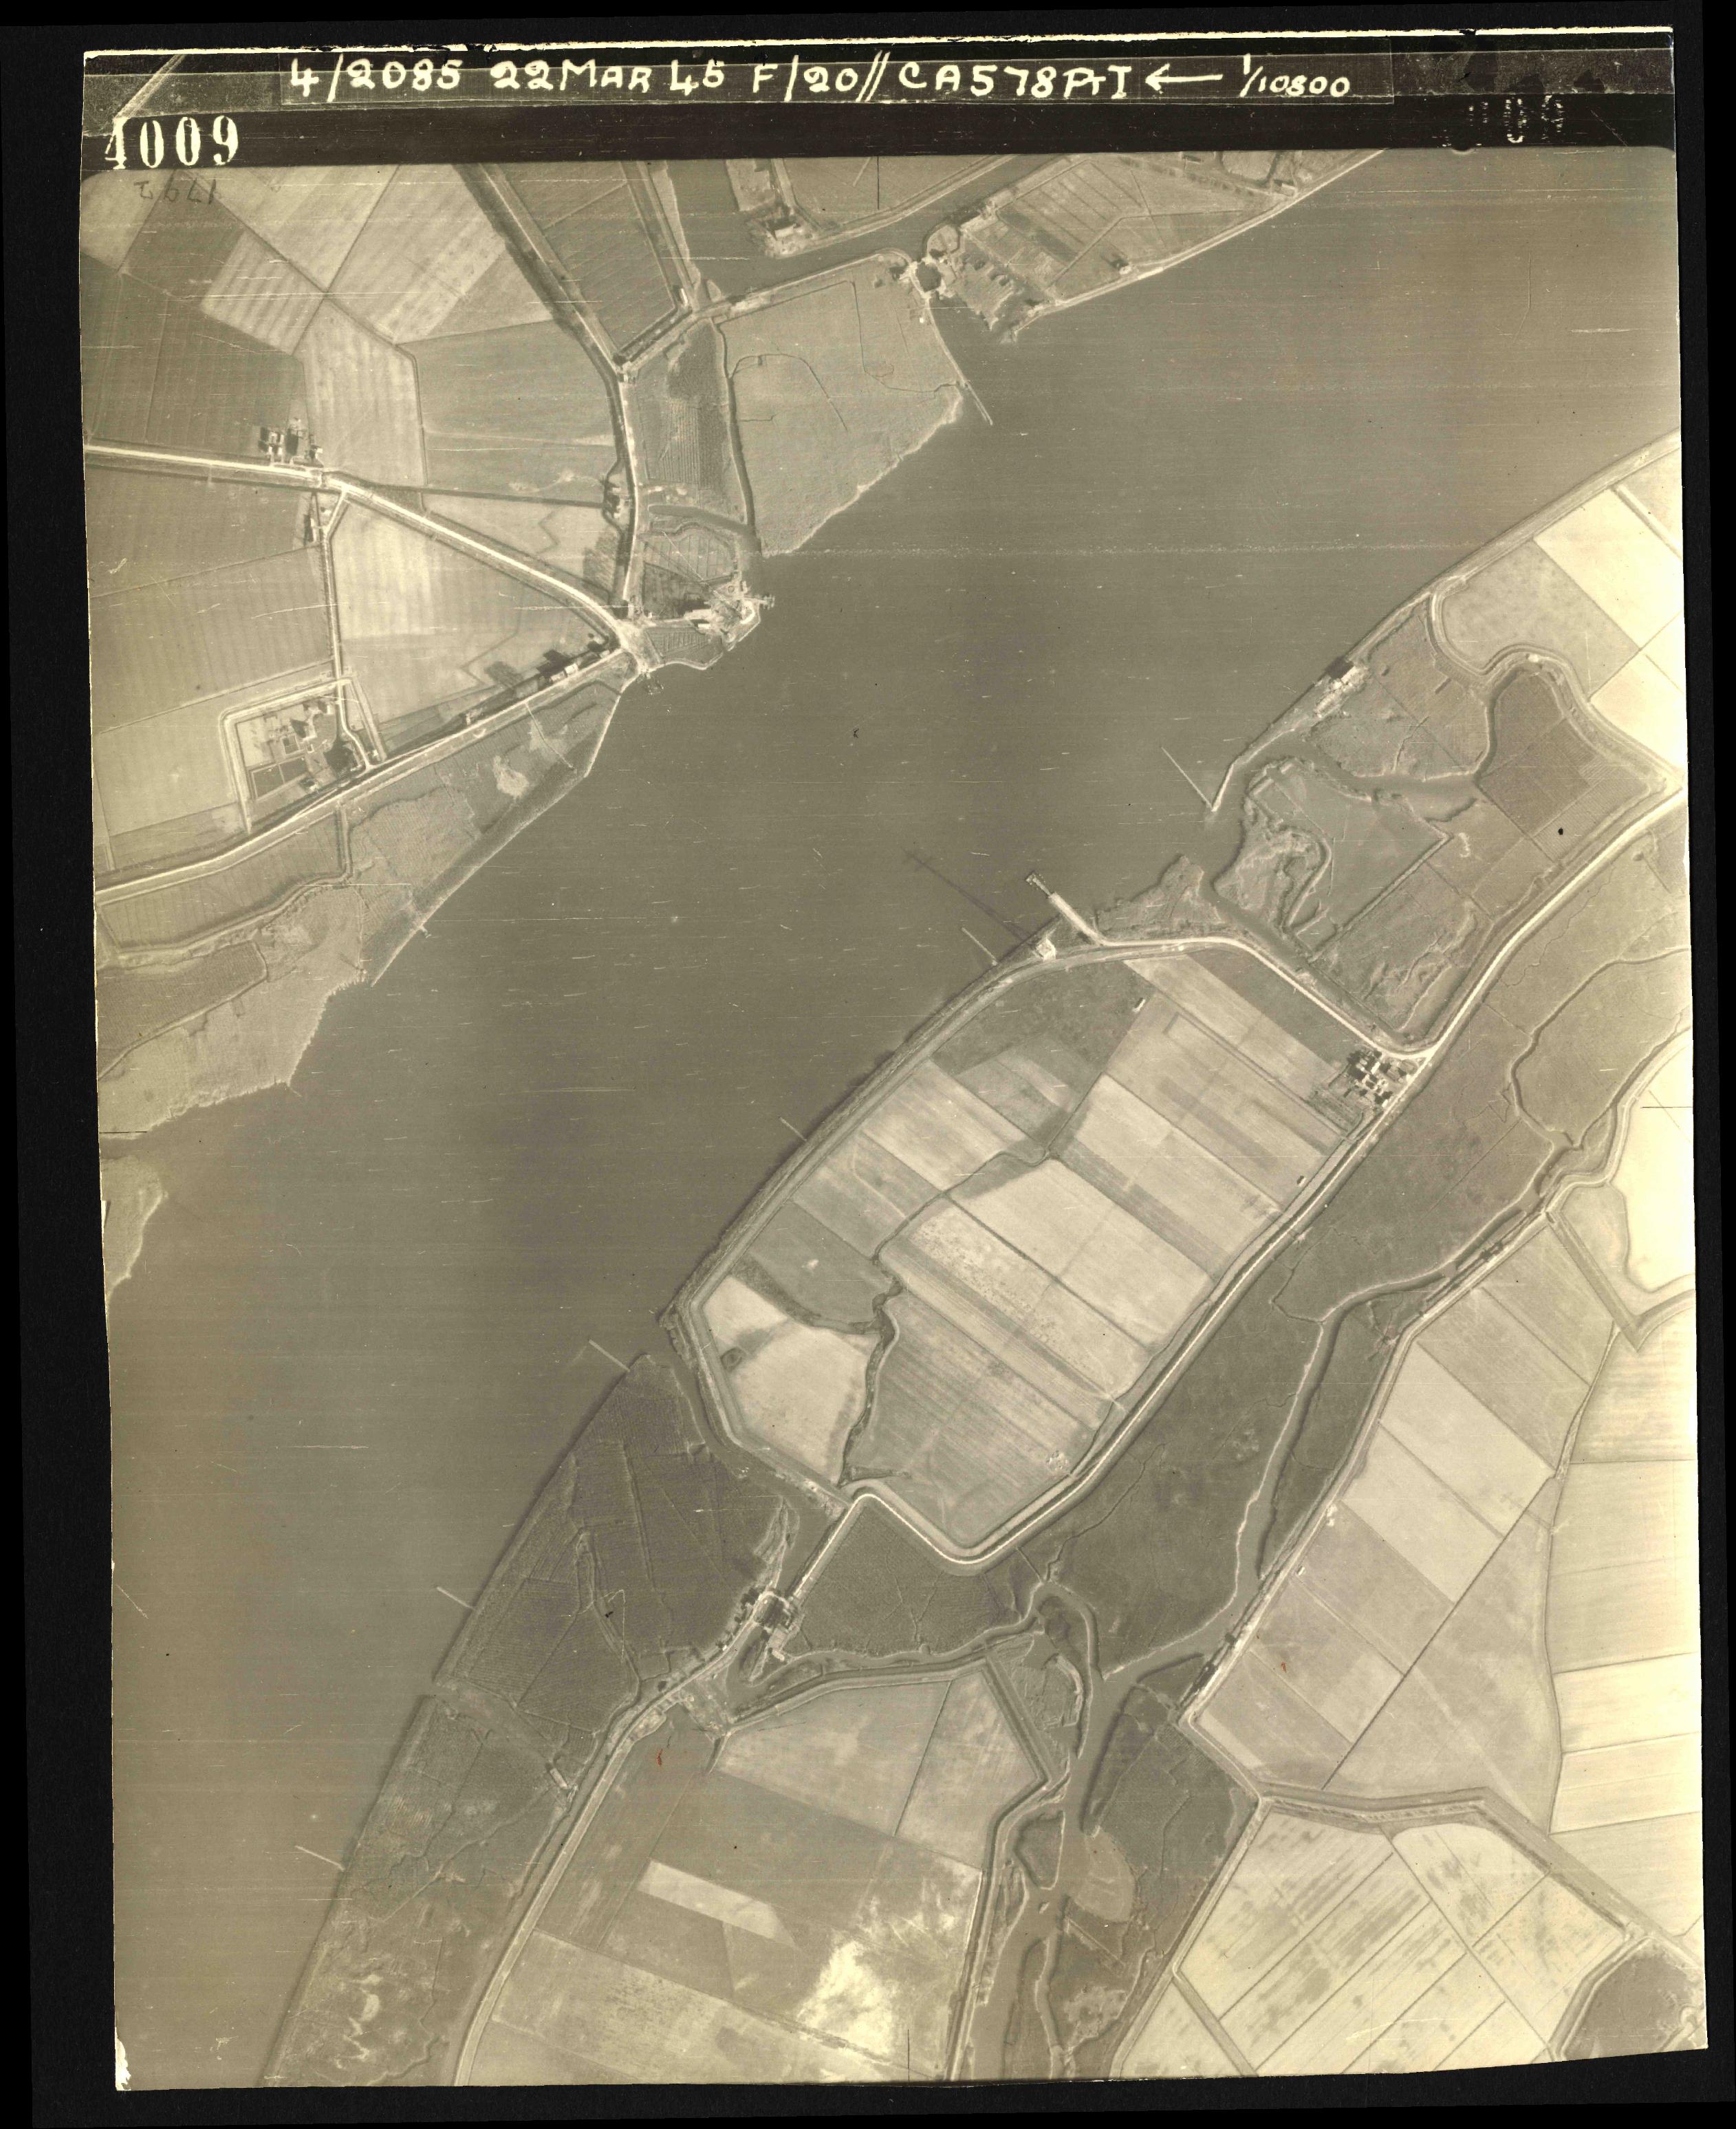 Collection RAF aerial photos 1940-1945 - flight 021, run 02, photo 4009